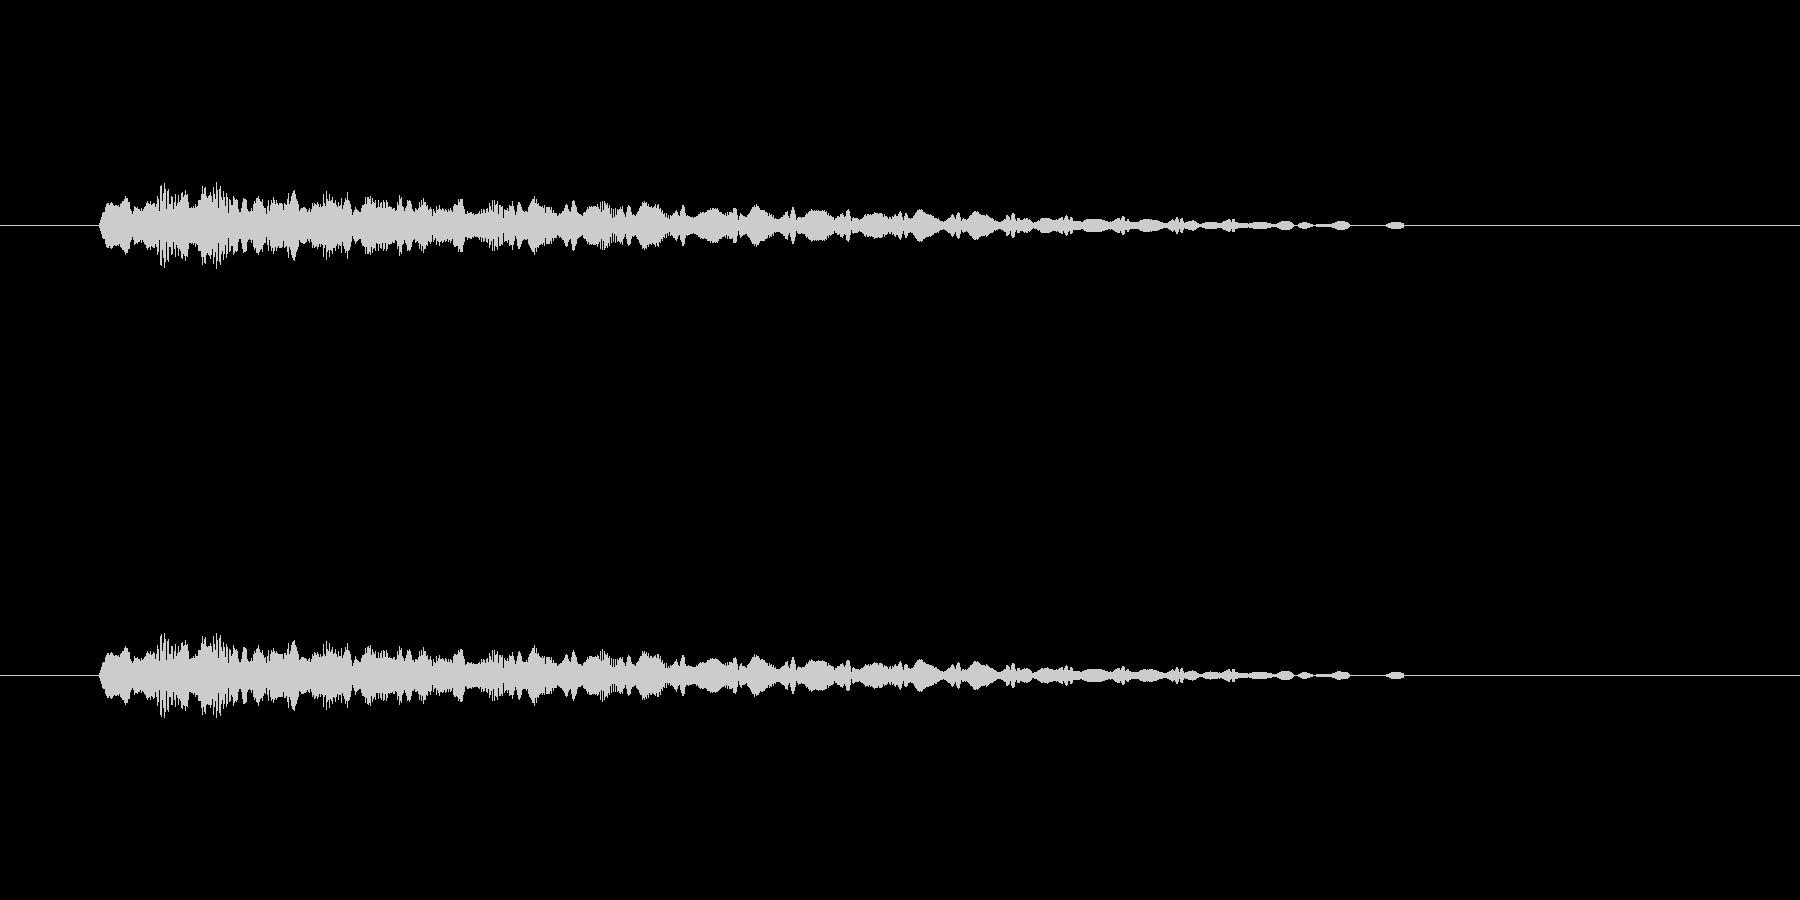 【ショートブリッジ30-4】の未再生の波形